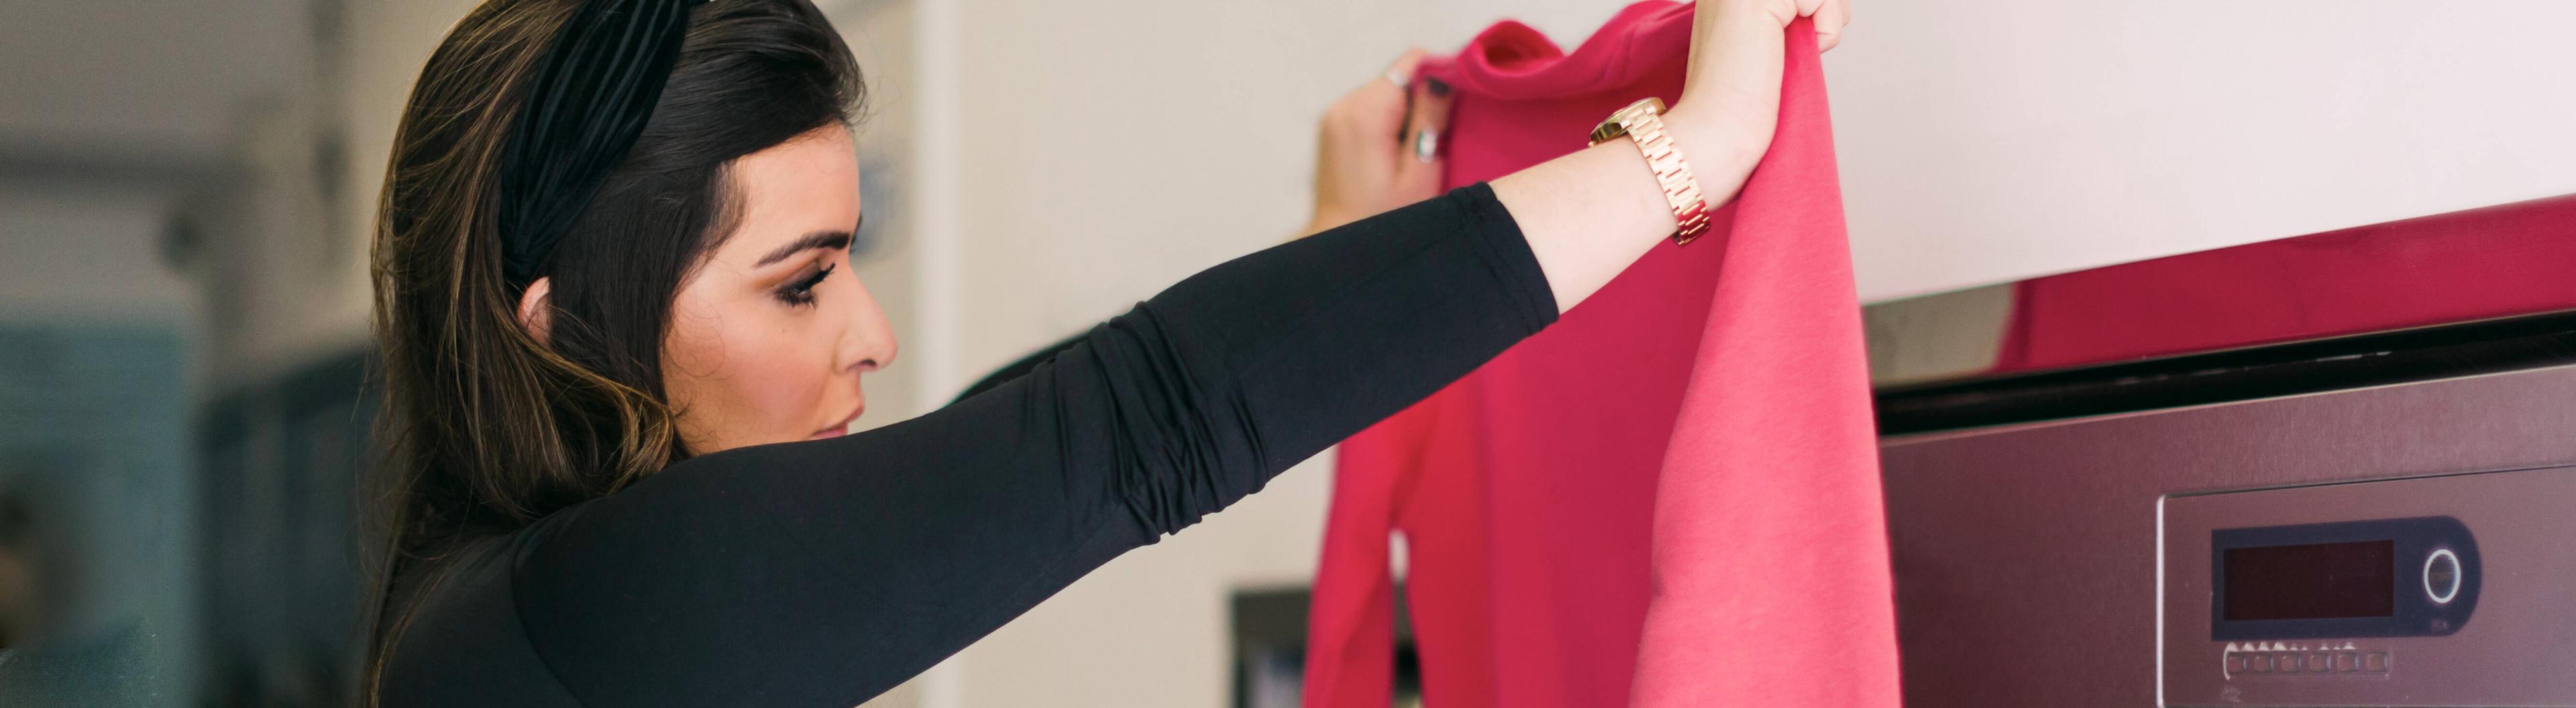 Frau steht vor Waschmaschine und hält pinken Pulli hoch